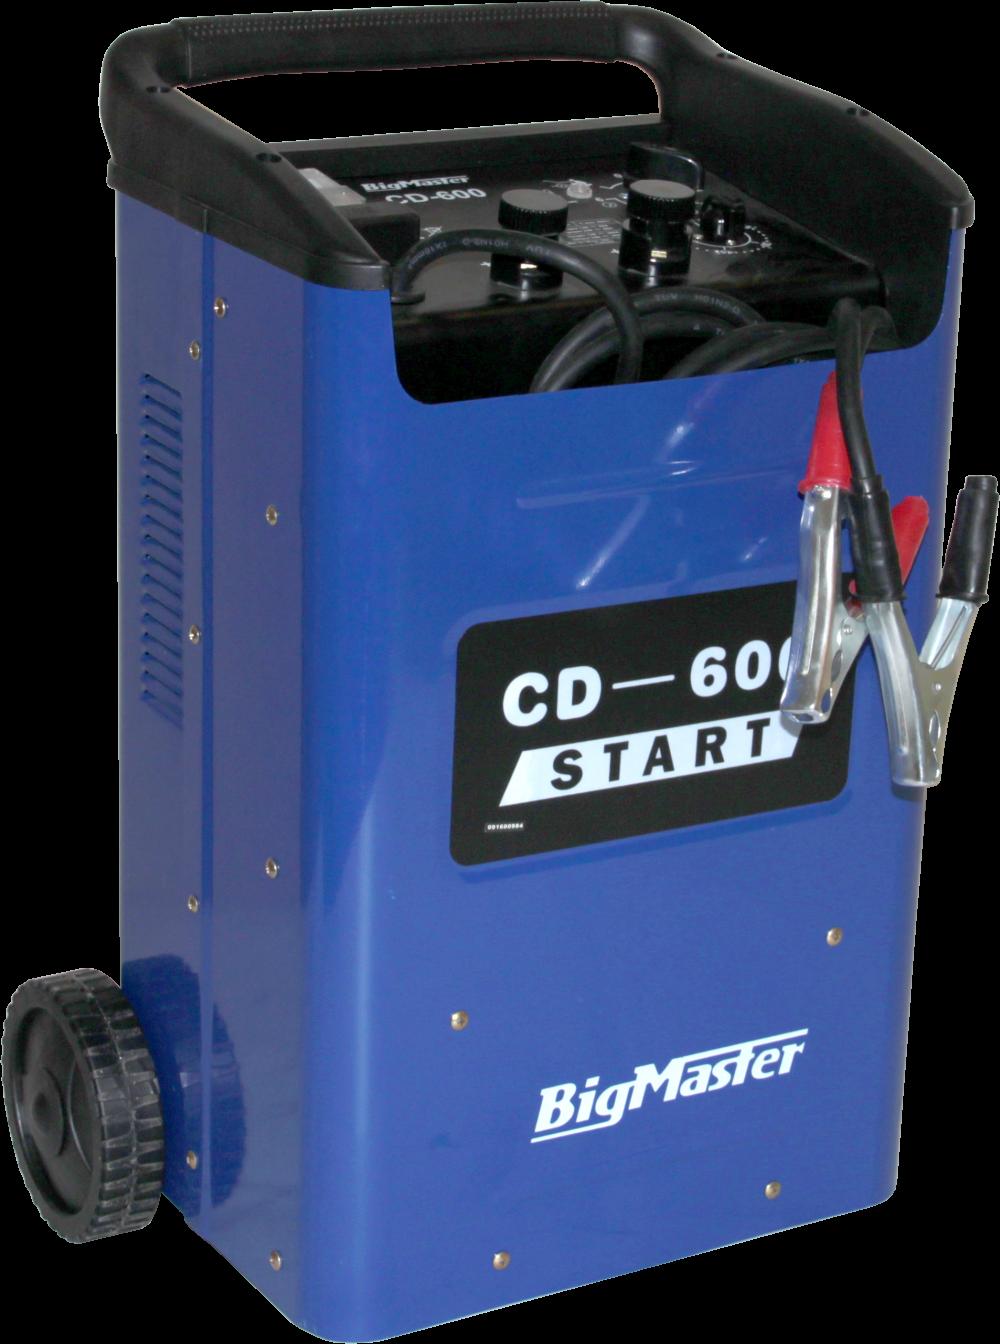 Bigmaster CD-600